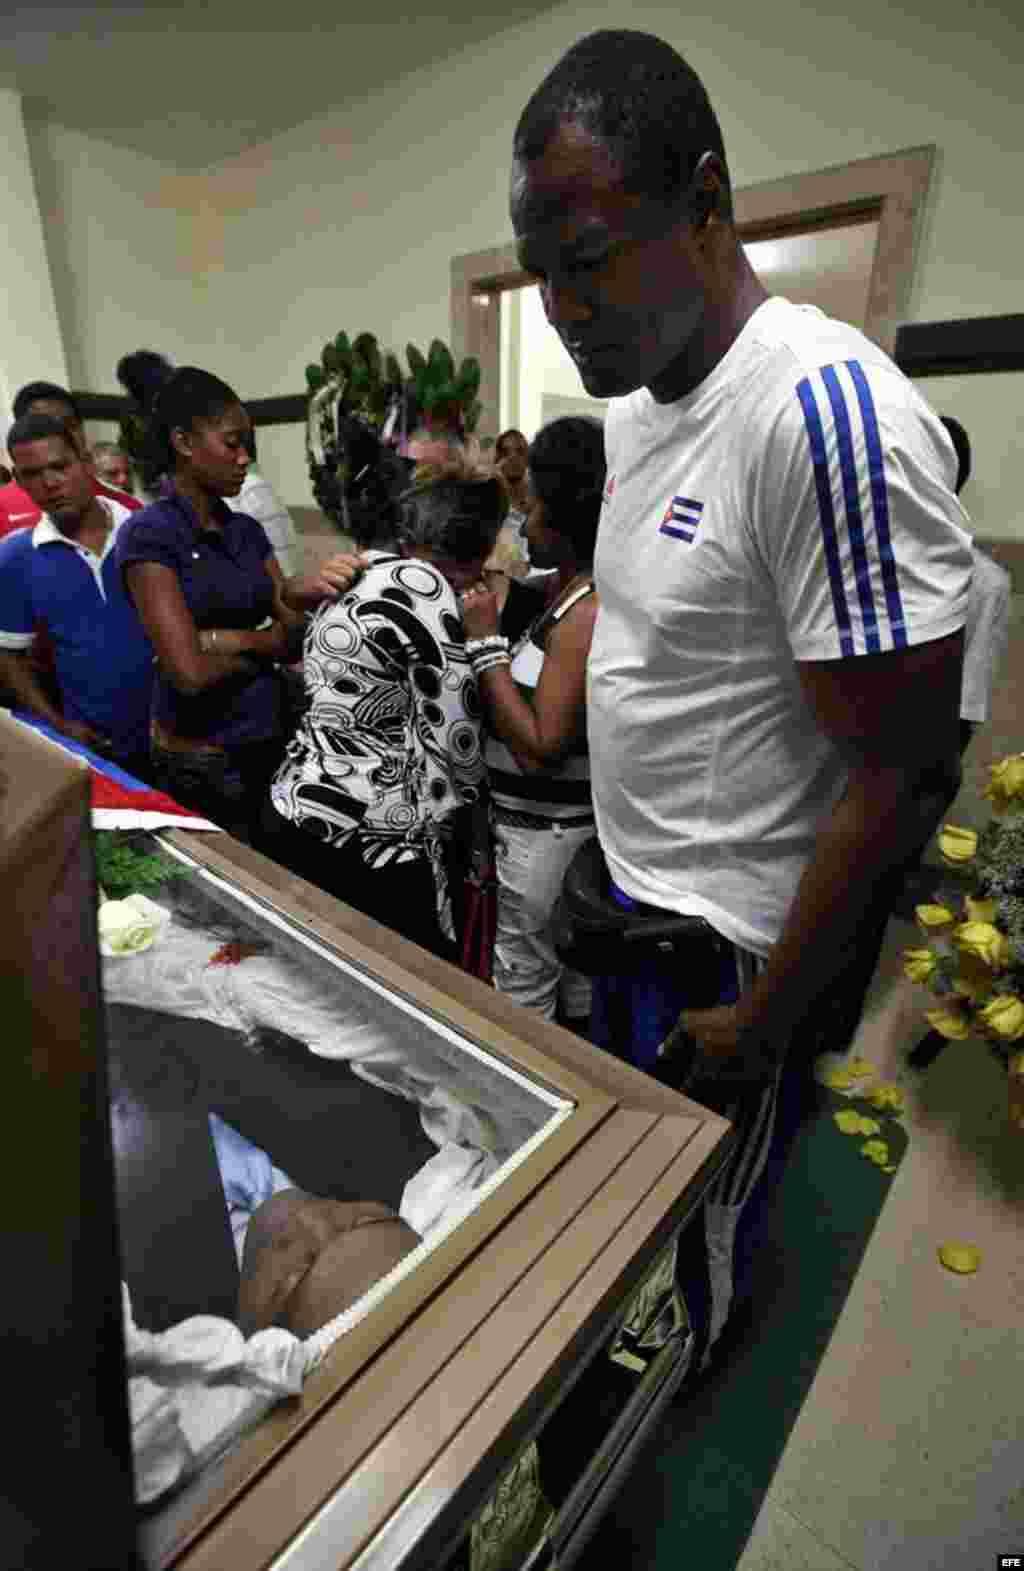 El boxeador Félix Savón (d) asiste al velorio del exboxeador cubano Teófilo Stevenson hoy, lunes 11 de junio de 2012, en La Habana (Cuba). Stevenson, tres veces campeón mundial y olímpico, falleció en la capital cubana por una cardiopatía isquémica a la e